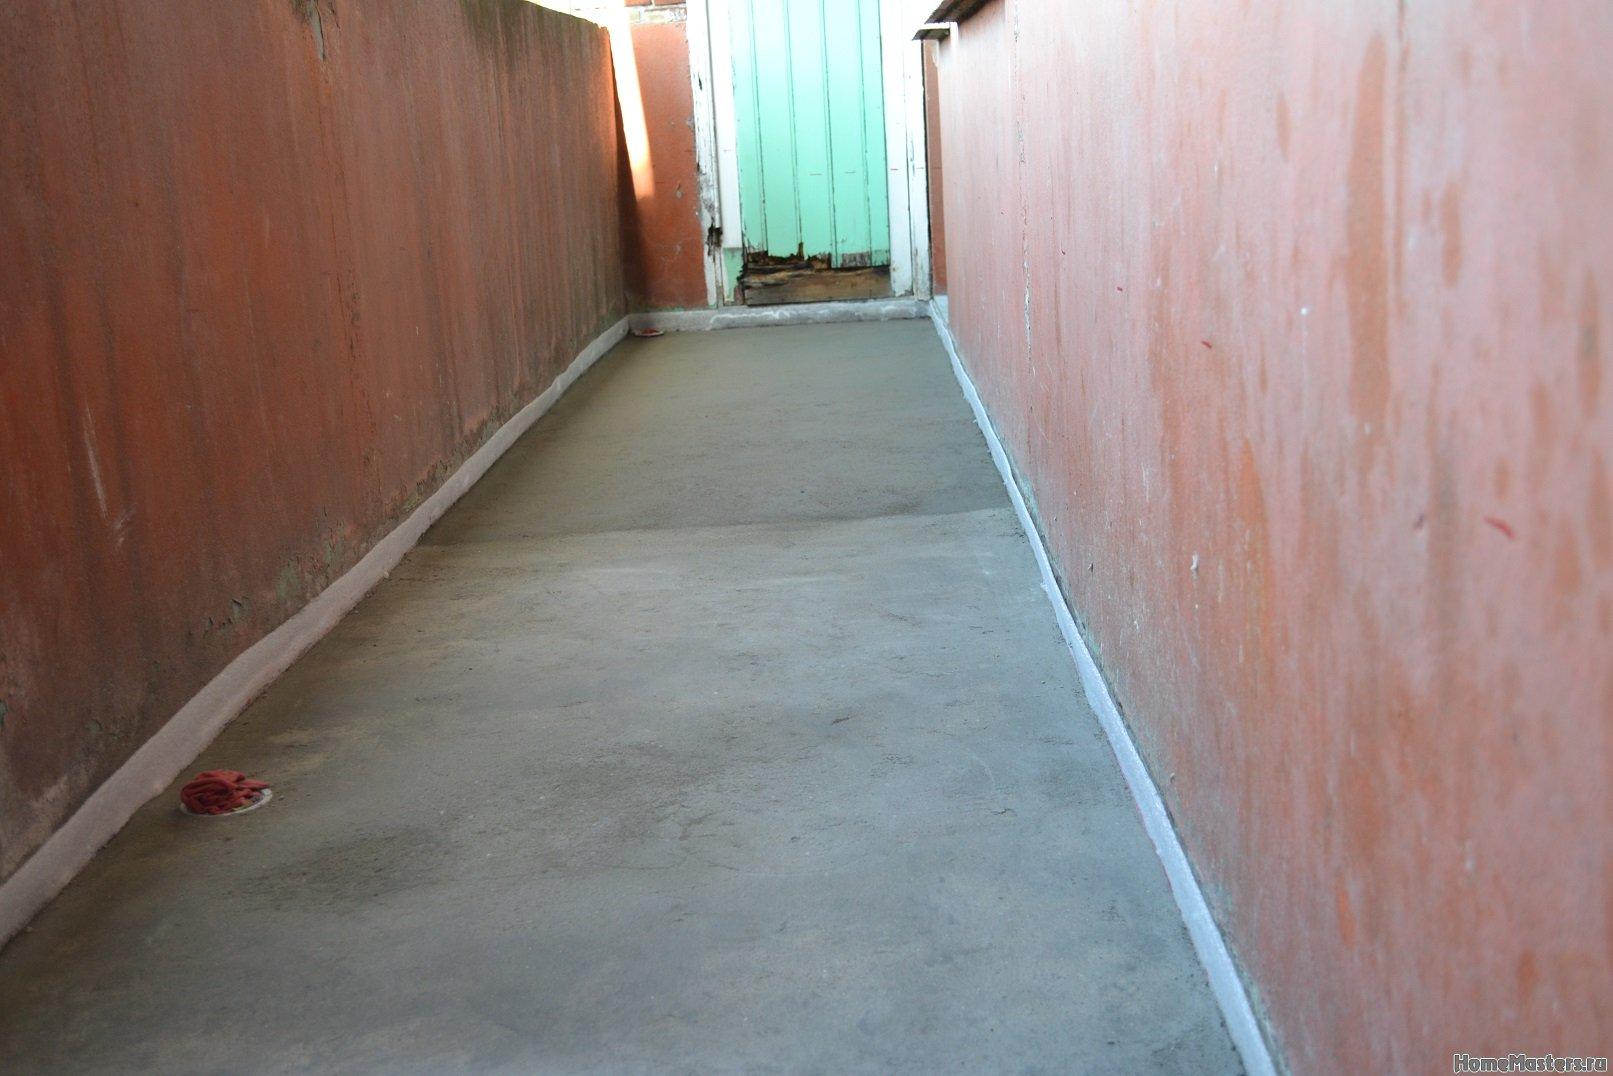 Ремонт балкона. Пол и стены. 019